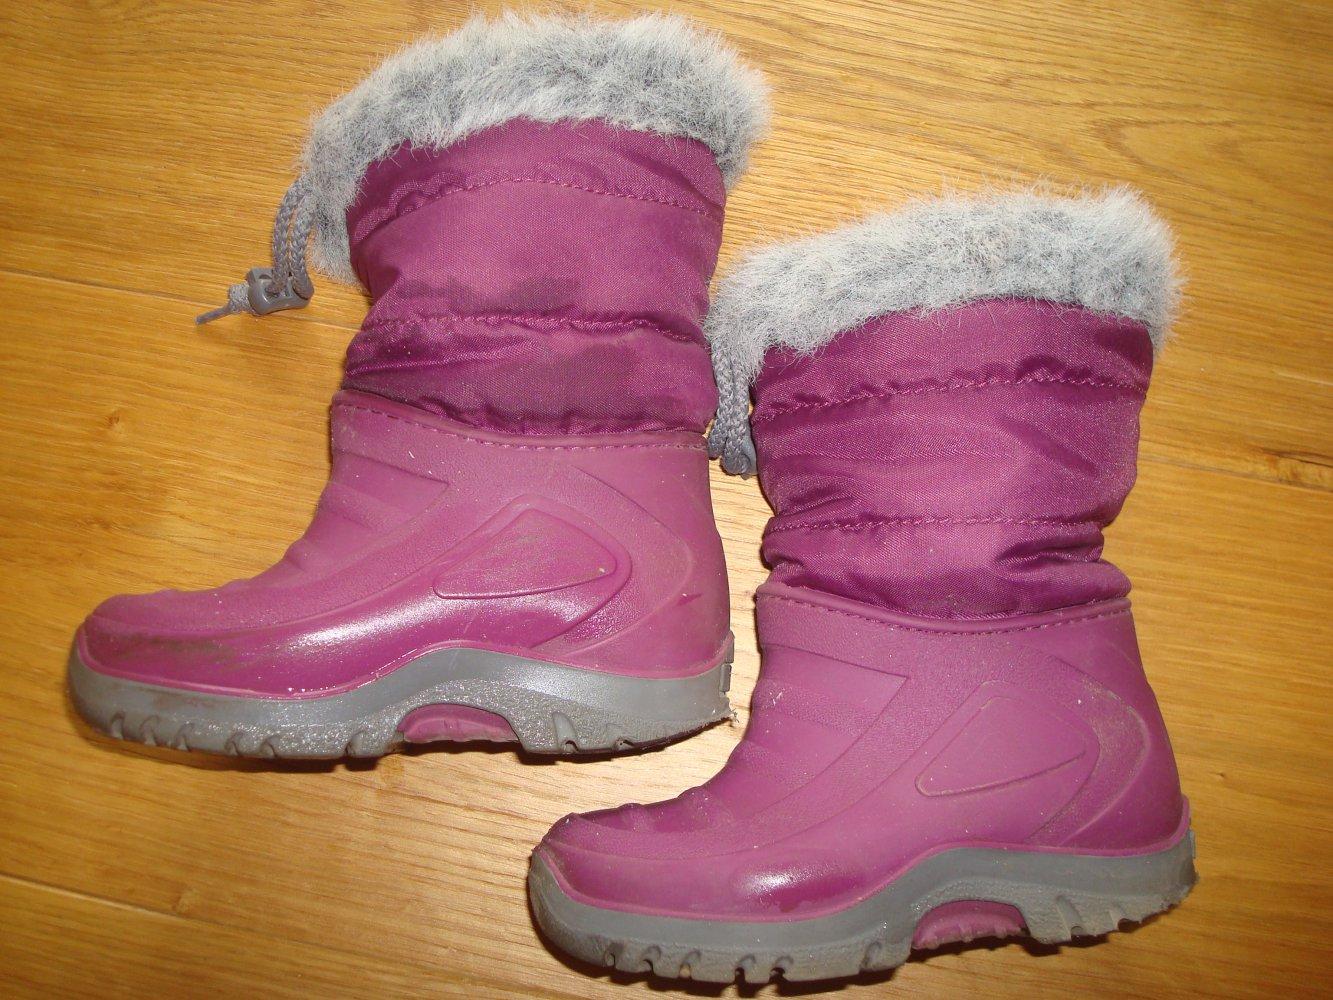 Schuhe, Stiefel, winterstiefel, Winterschuhe für Mädchen